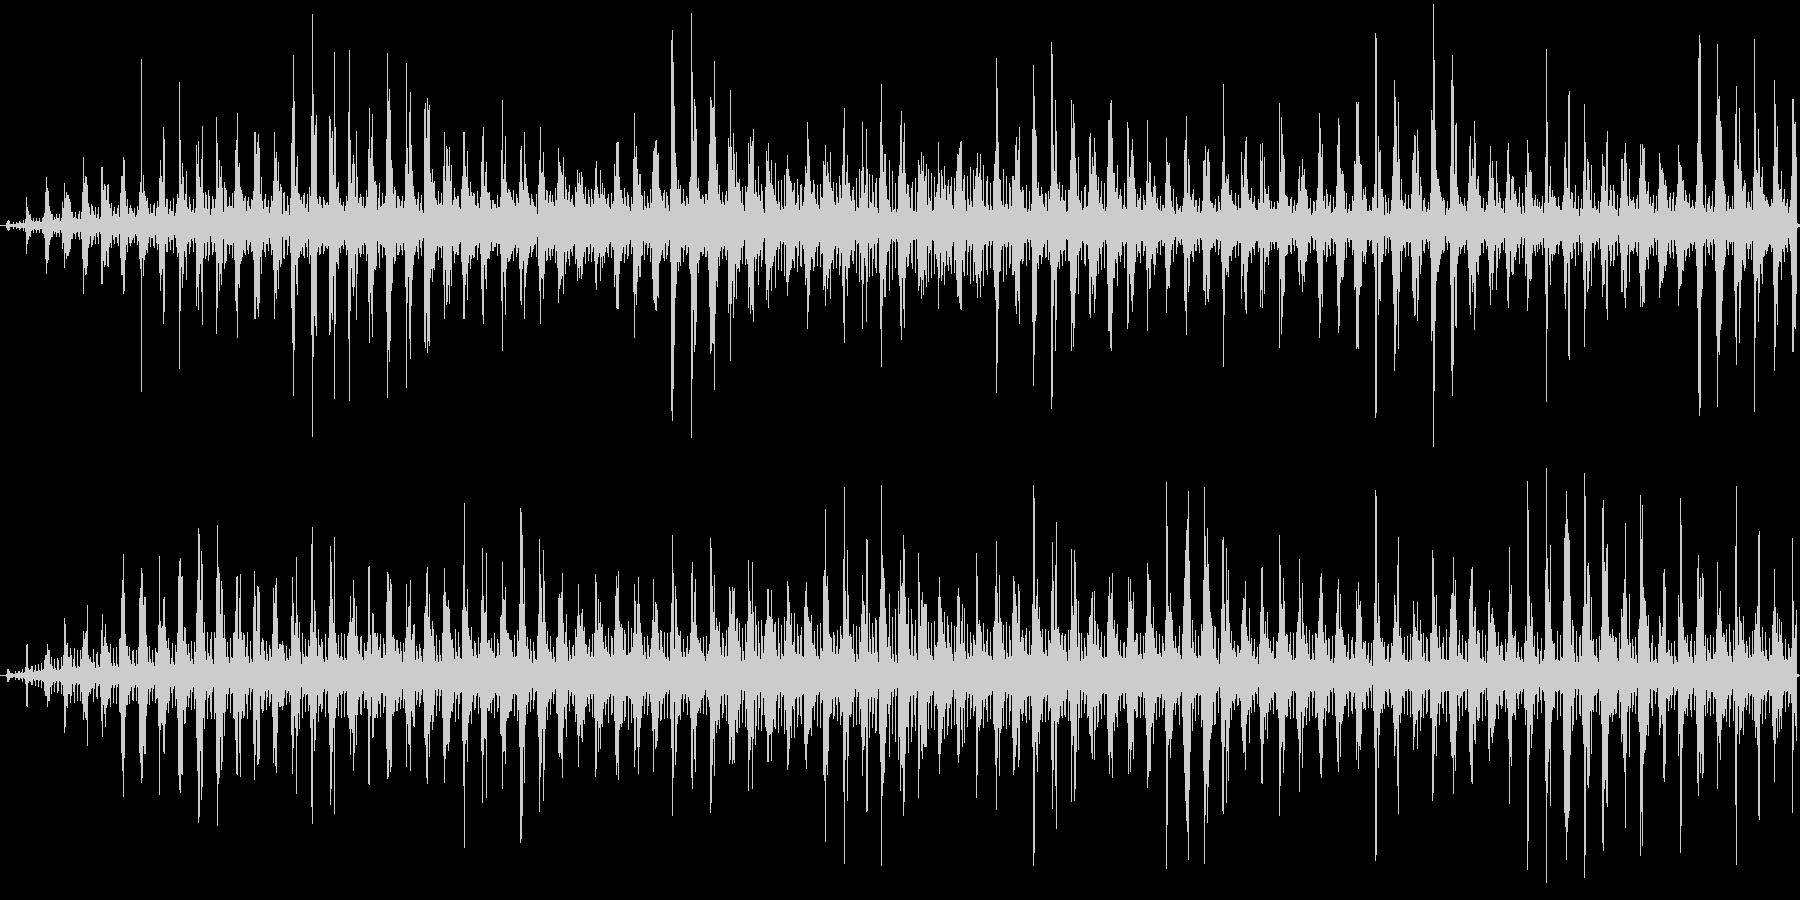 ヘリコプターの音の未再生の波形